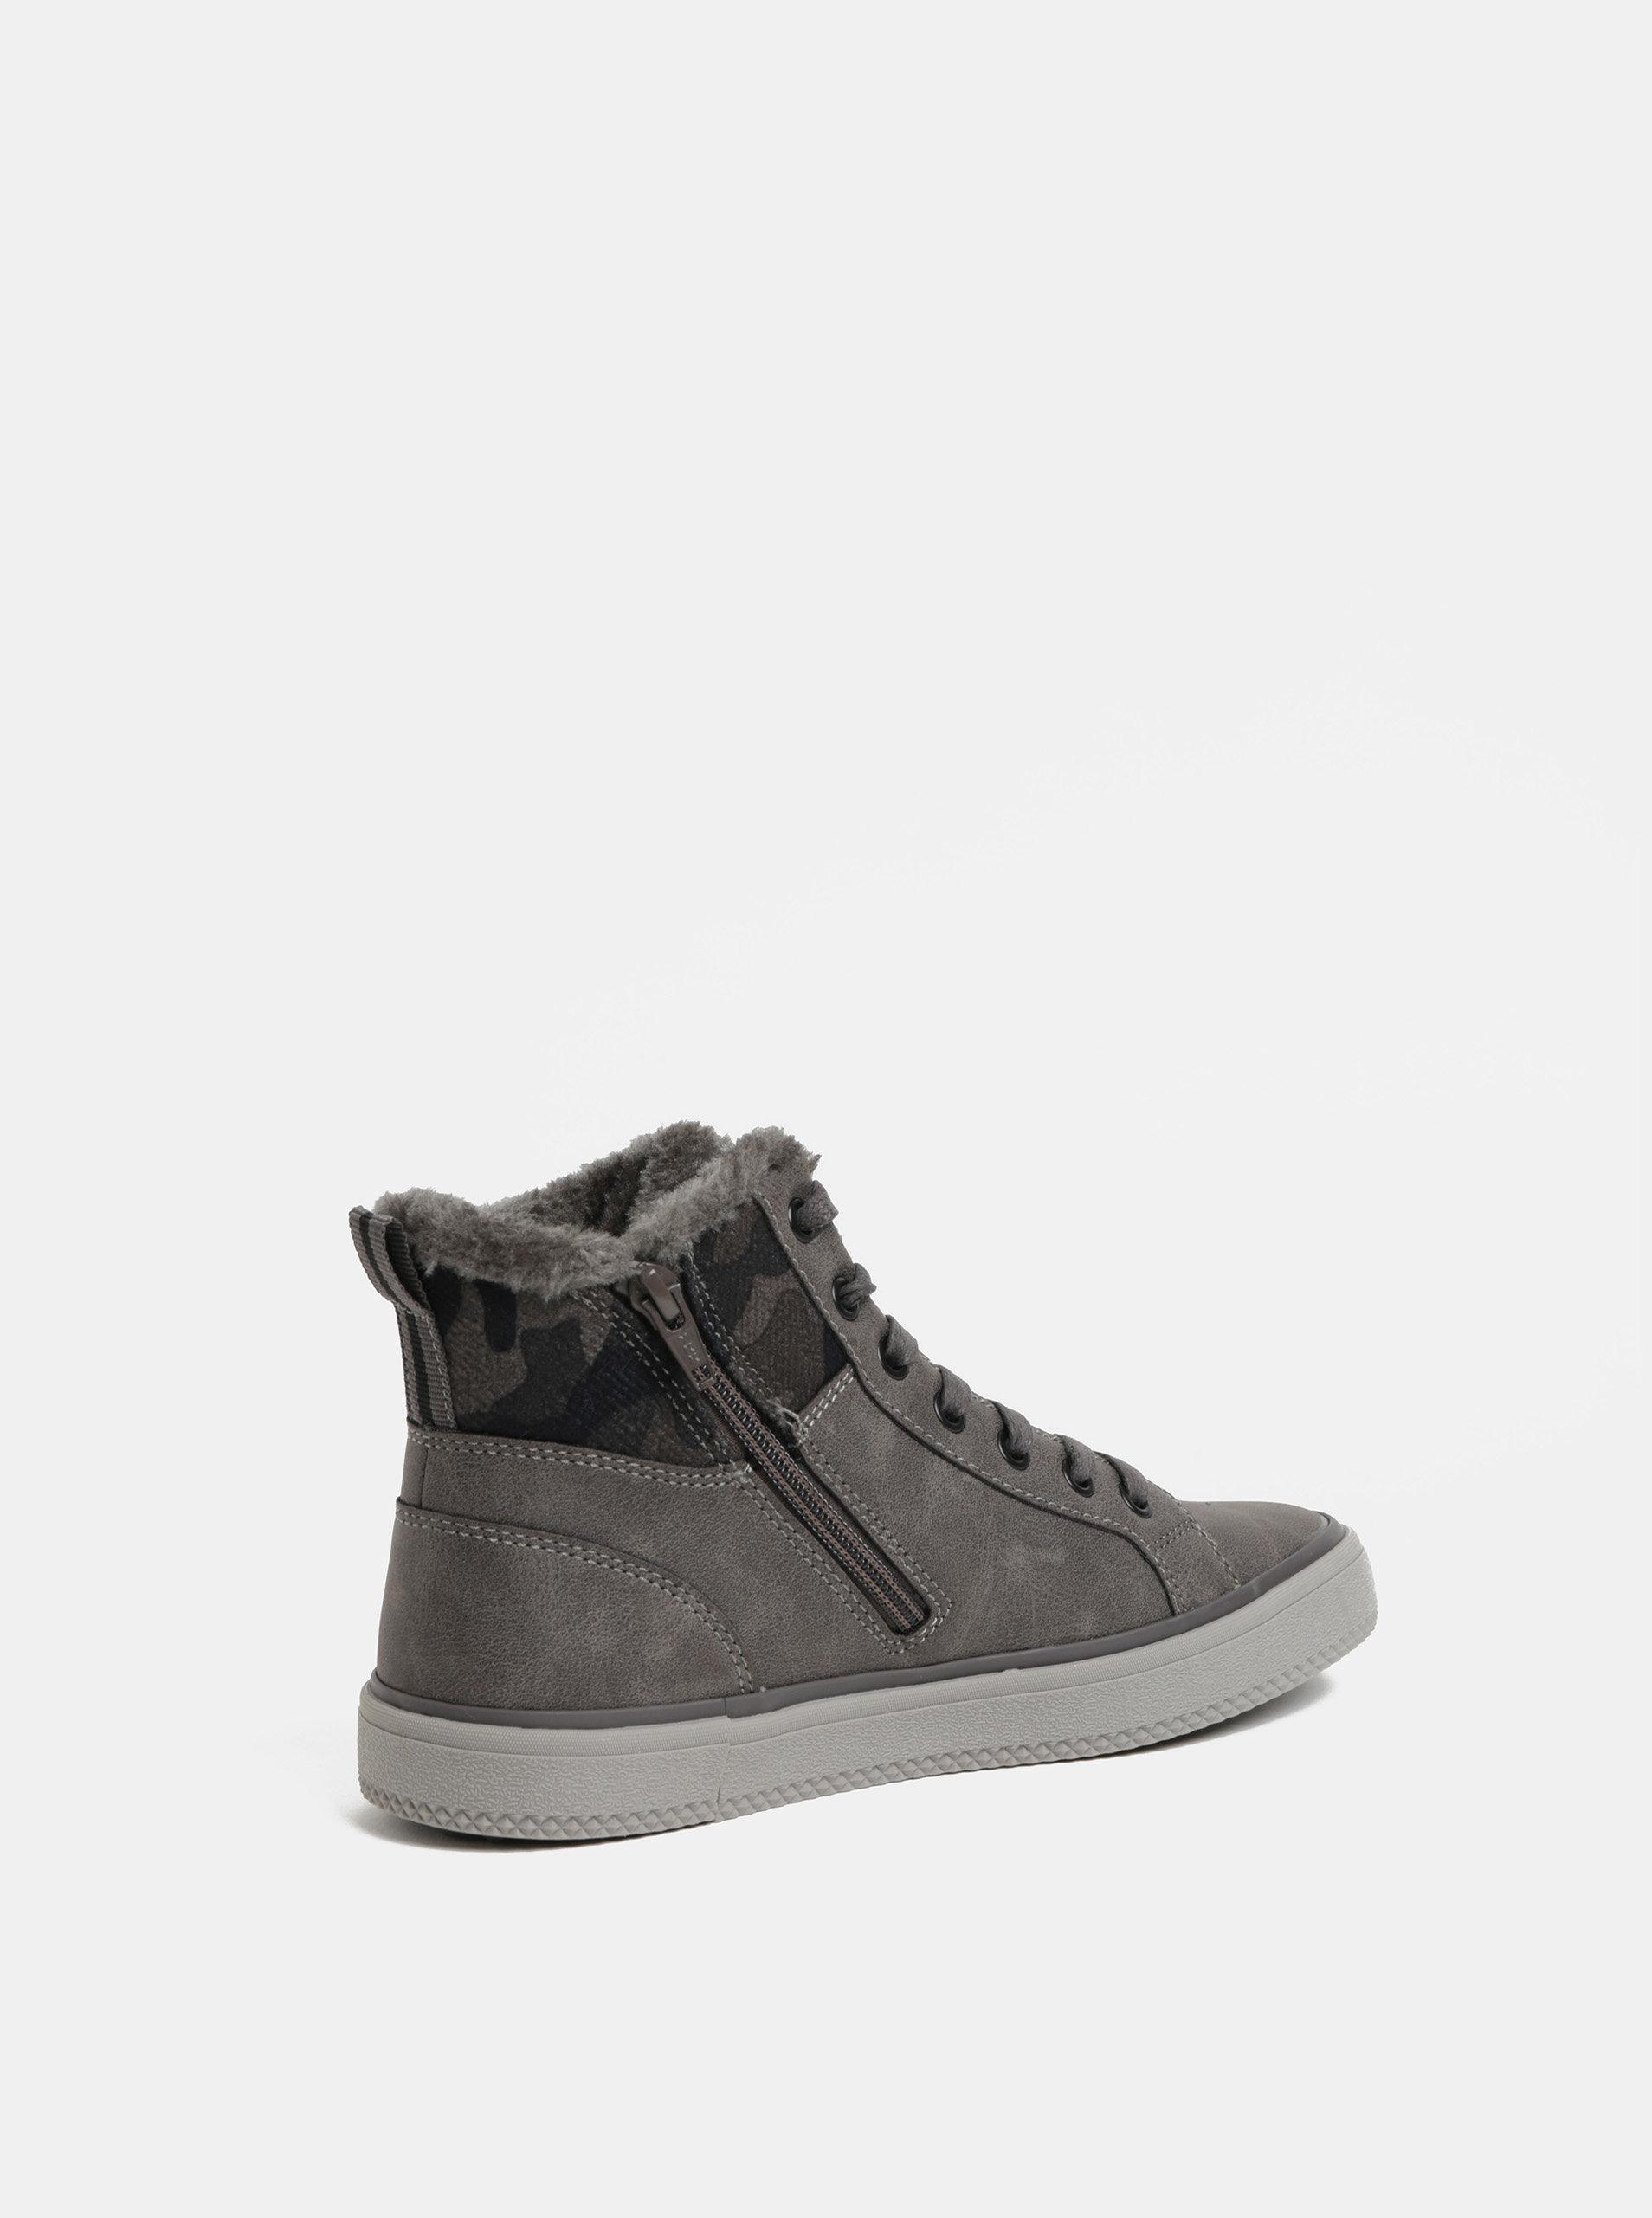 7b92209eed Sivé dámske členkové zimné topánky s umelou kožušinkou s.Oliver ...